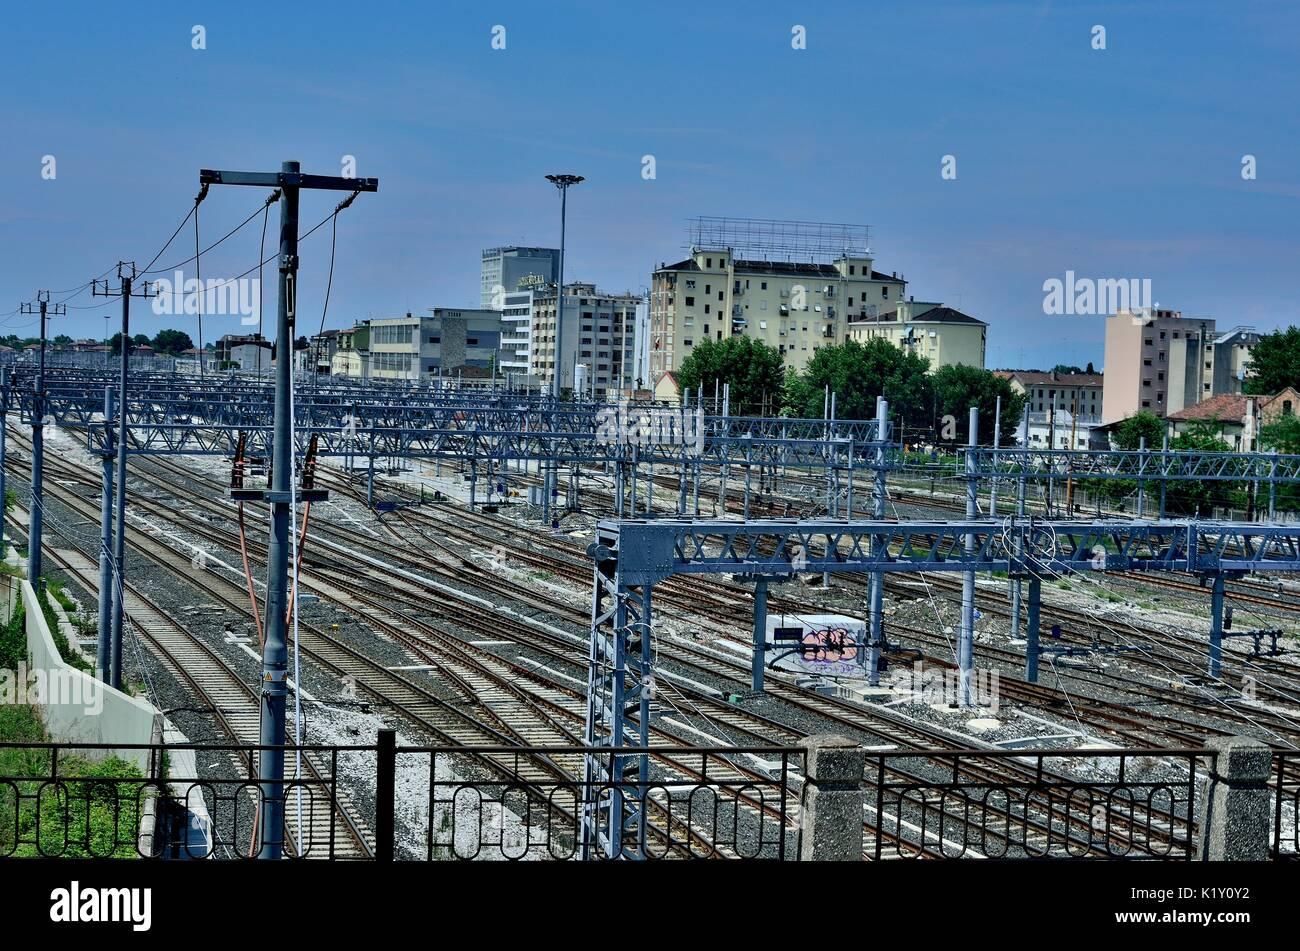 Venezia Mestre Bahnhof Gleise für die Züge in Richtung Ponte della Libertà und Venedig. Italien, Stockbild